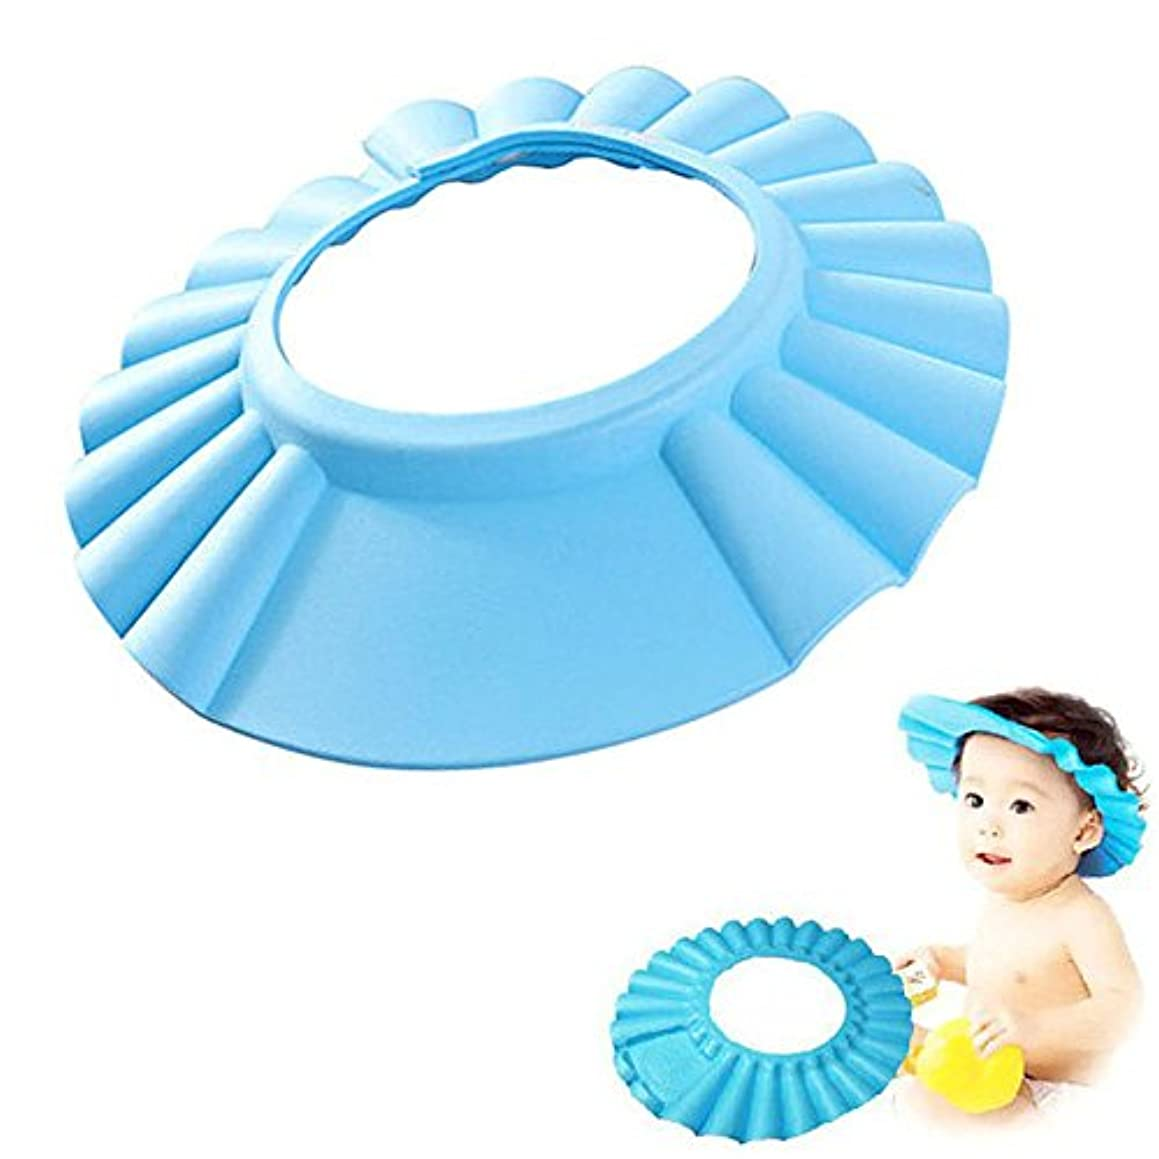 く火炎コロニアルシャンプーハット 子供 洗髪用帽子 お風呂 防水帽 水漏れない樹脂 サイズ調節 (ブルー)